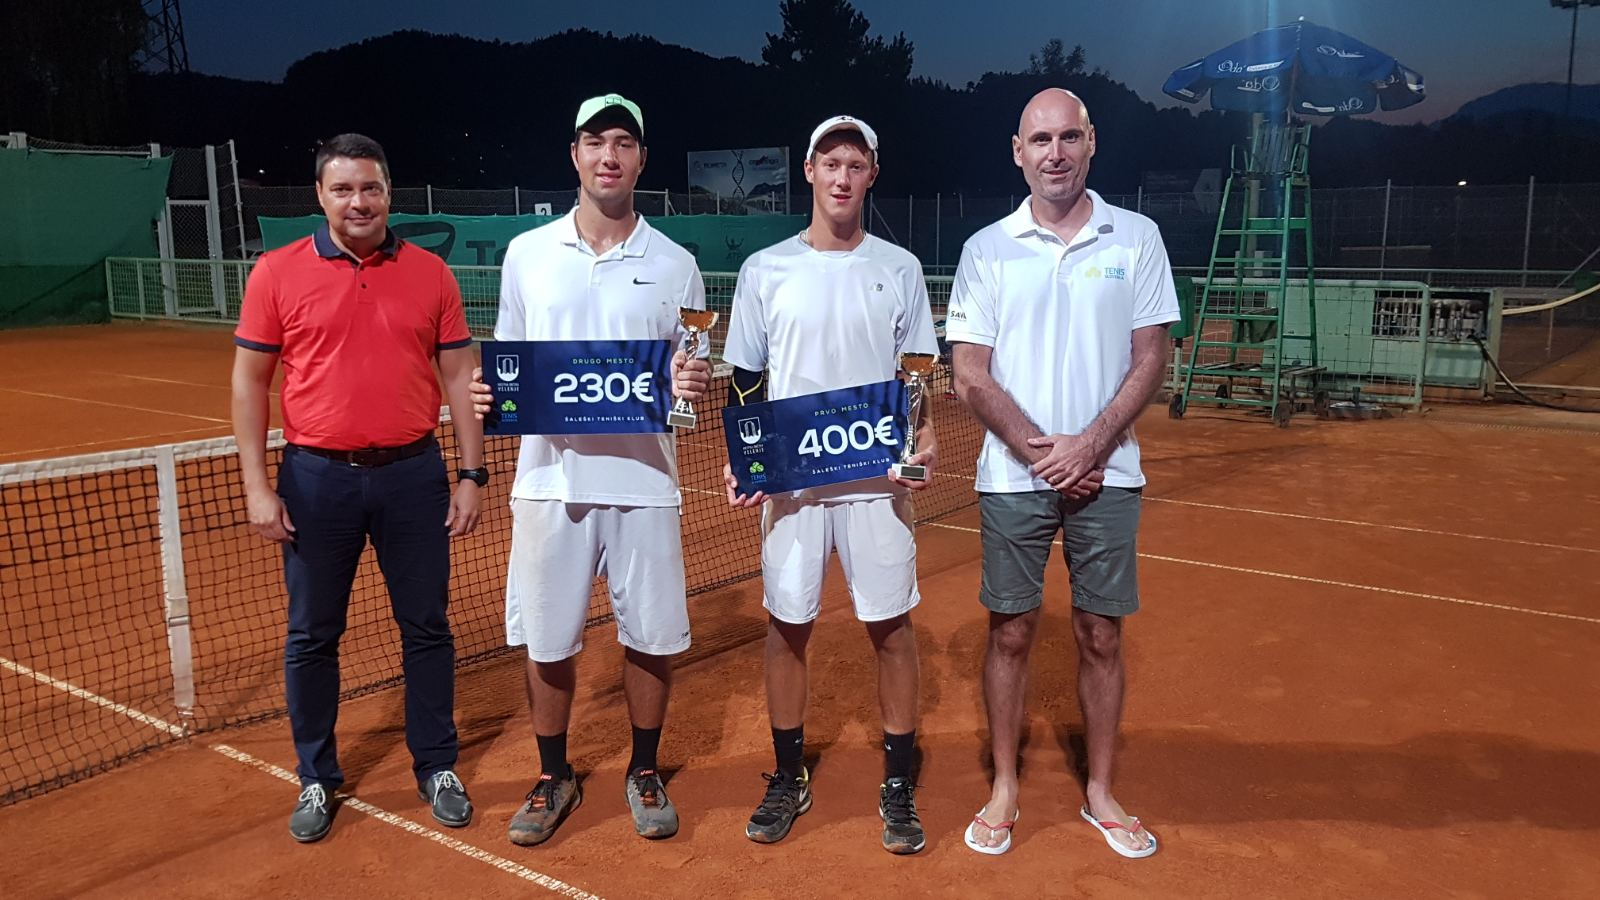 WhatsApp Image 2020 09 12 at 19.55.38 - Palčičeva in Vetrih najboljša na odprtem prvenstvu v Velenju (FOTO)